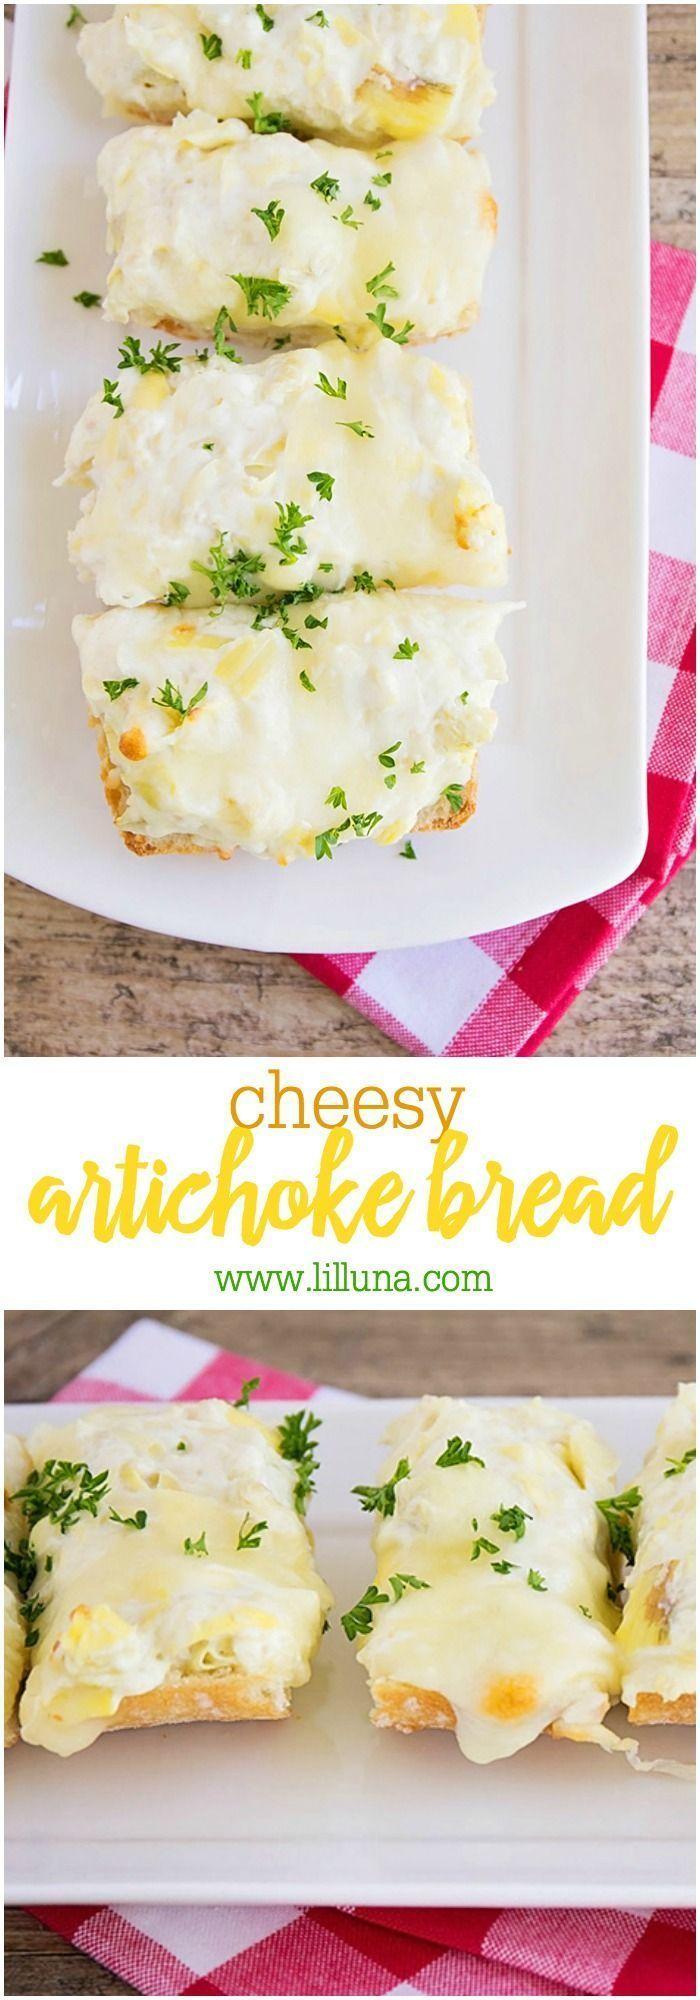 Cheesy Artichoke Bread Recipe - a must try recipe with ciabatta bread, artichokes and three kinds of cheeses!! { http://lilluna.com }